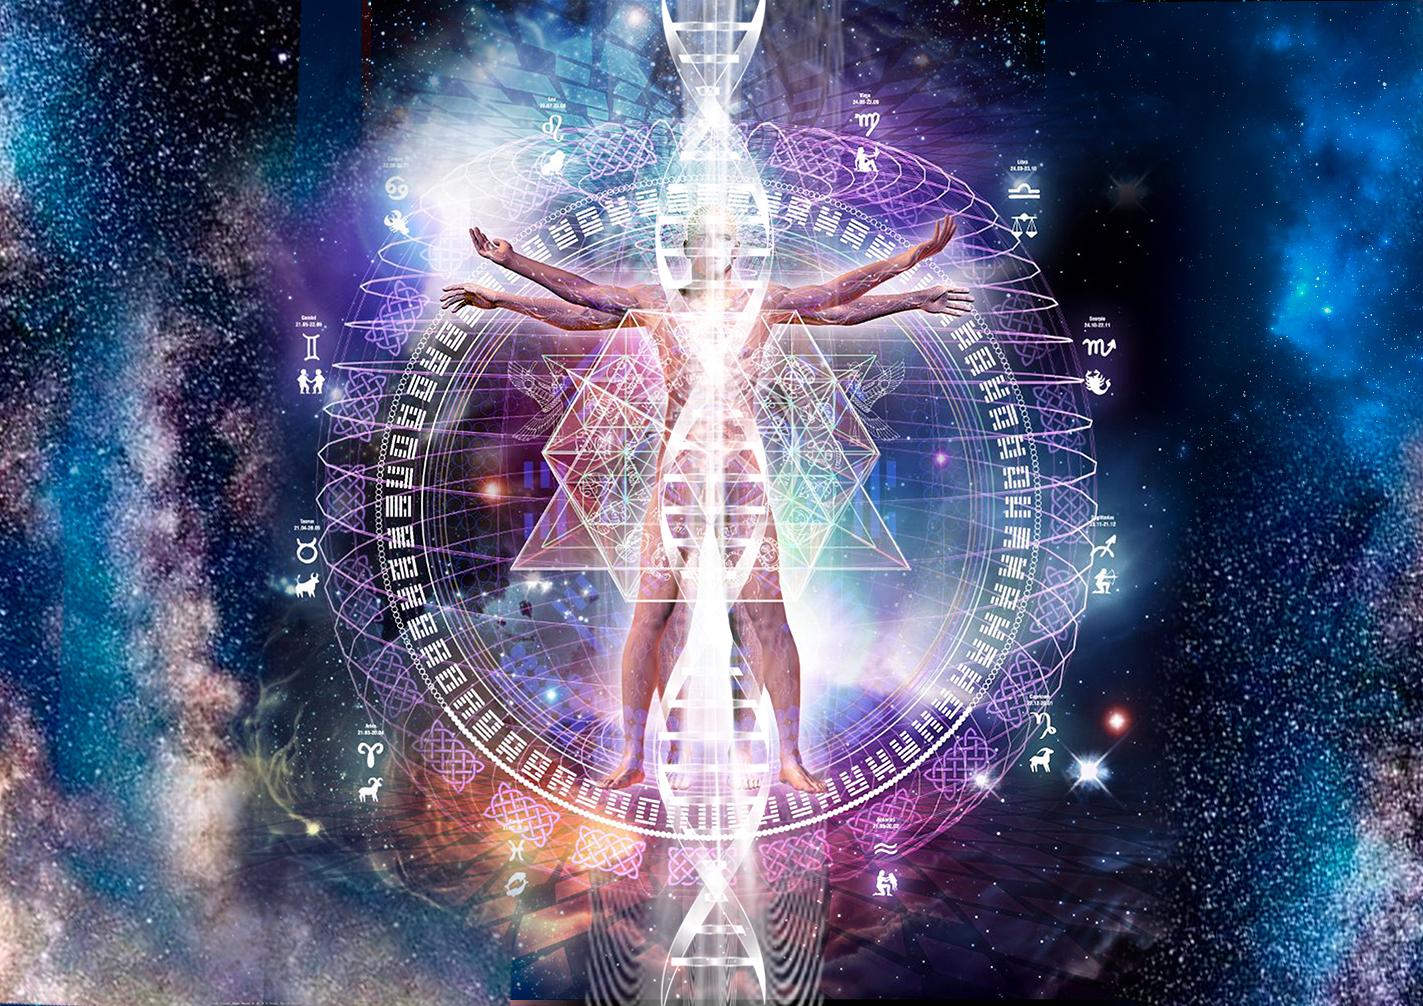 IAM Universal Consciousness1